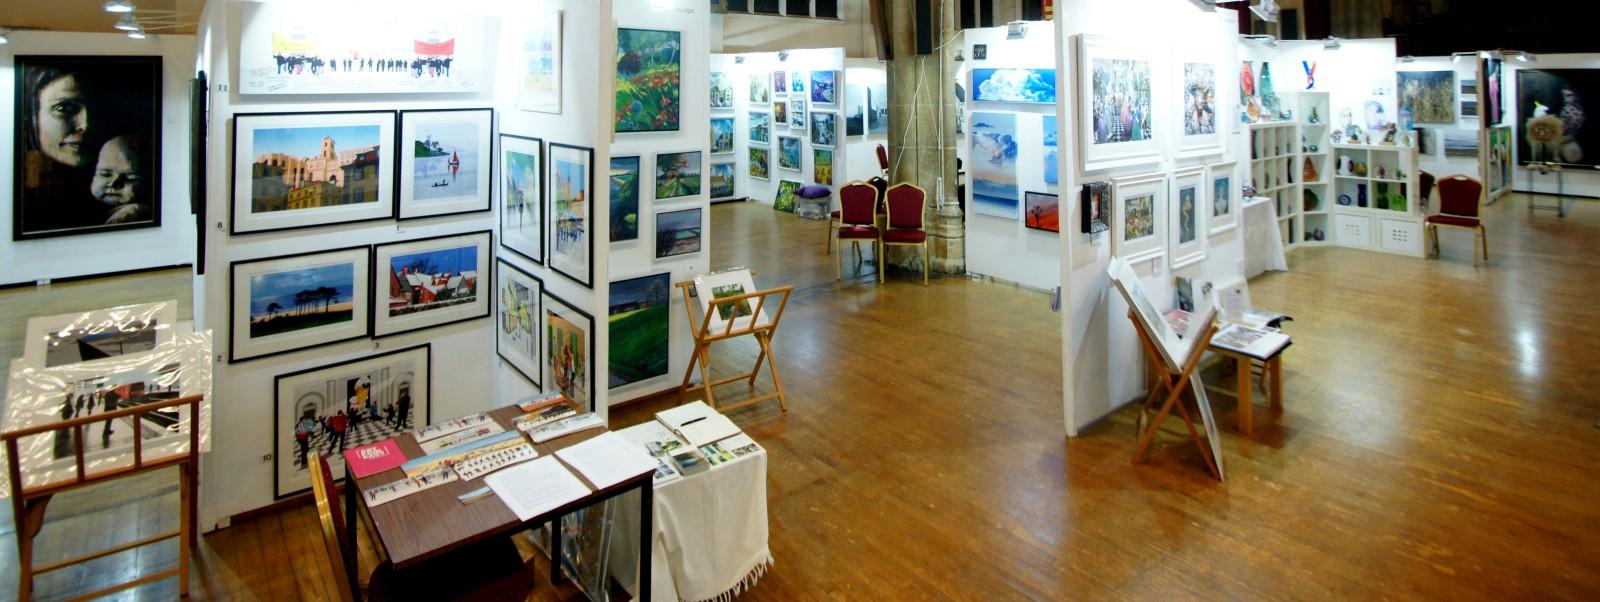 UK Art Exhibitions Events Calendar Publicity Promotion